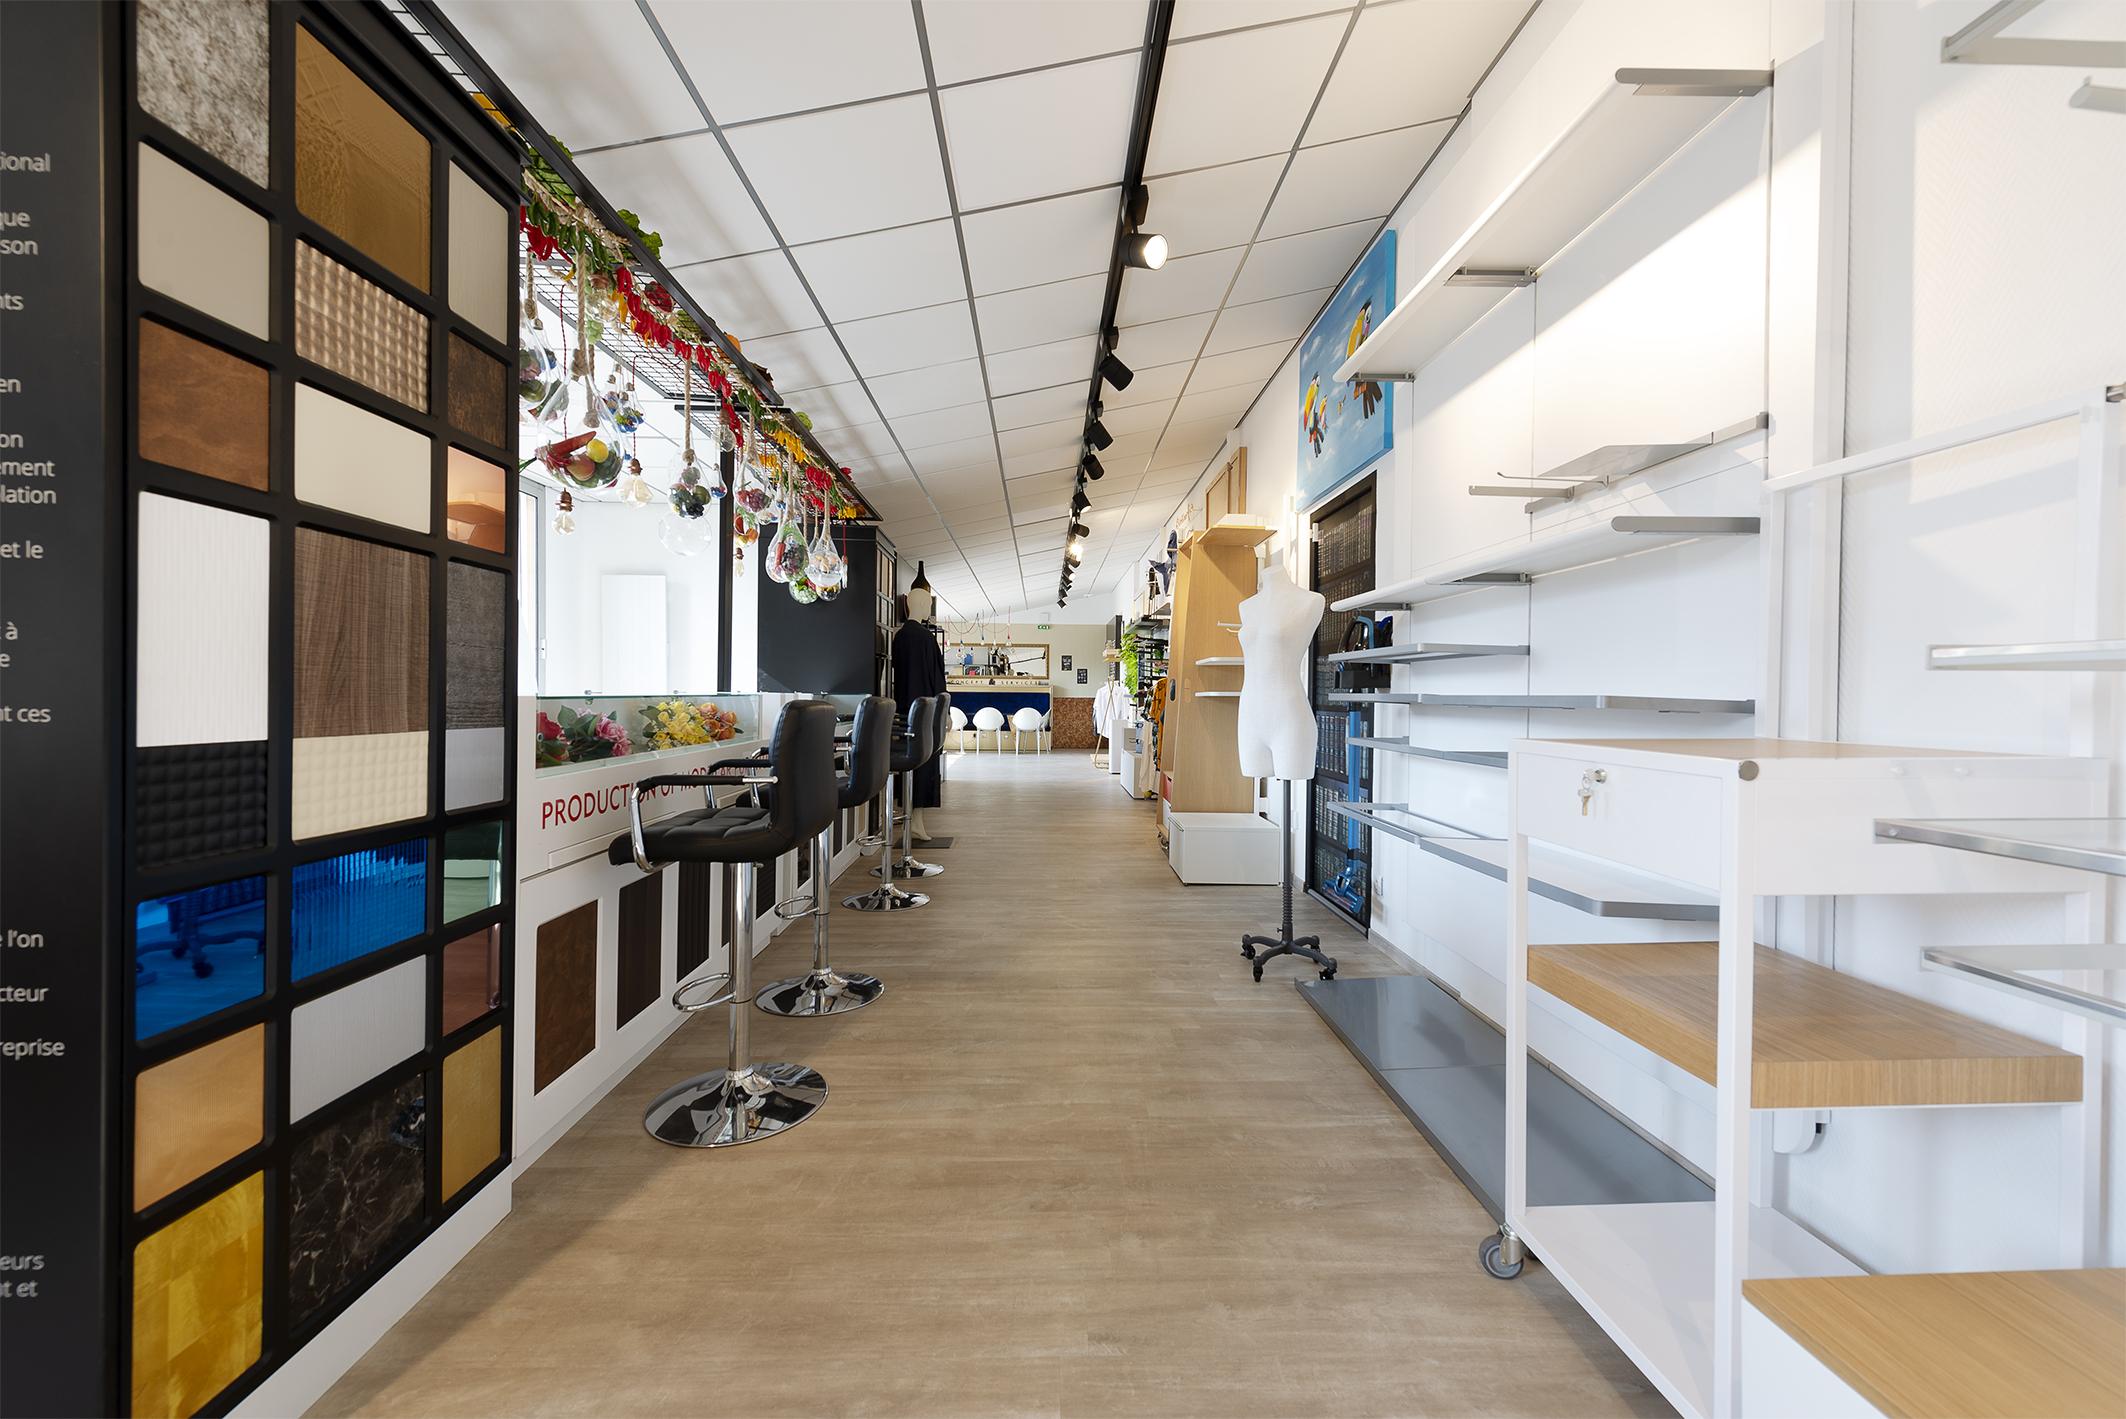 Photo 2 du showroom de Shop Concept & Services